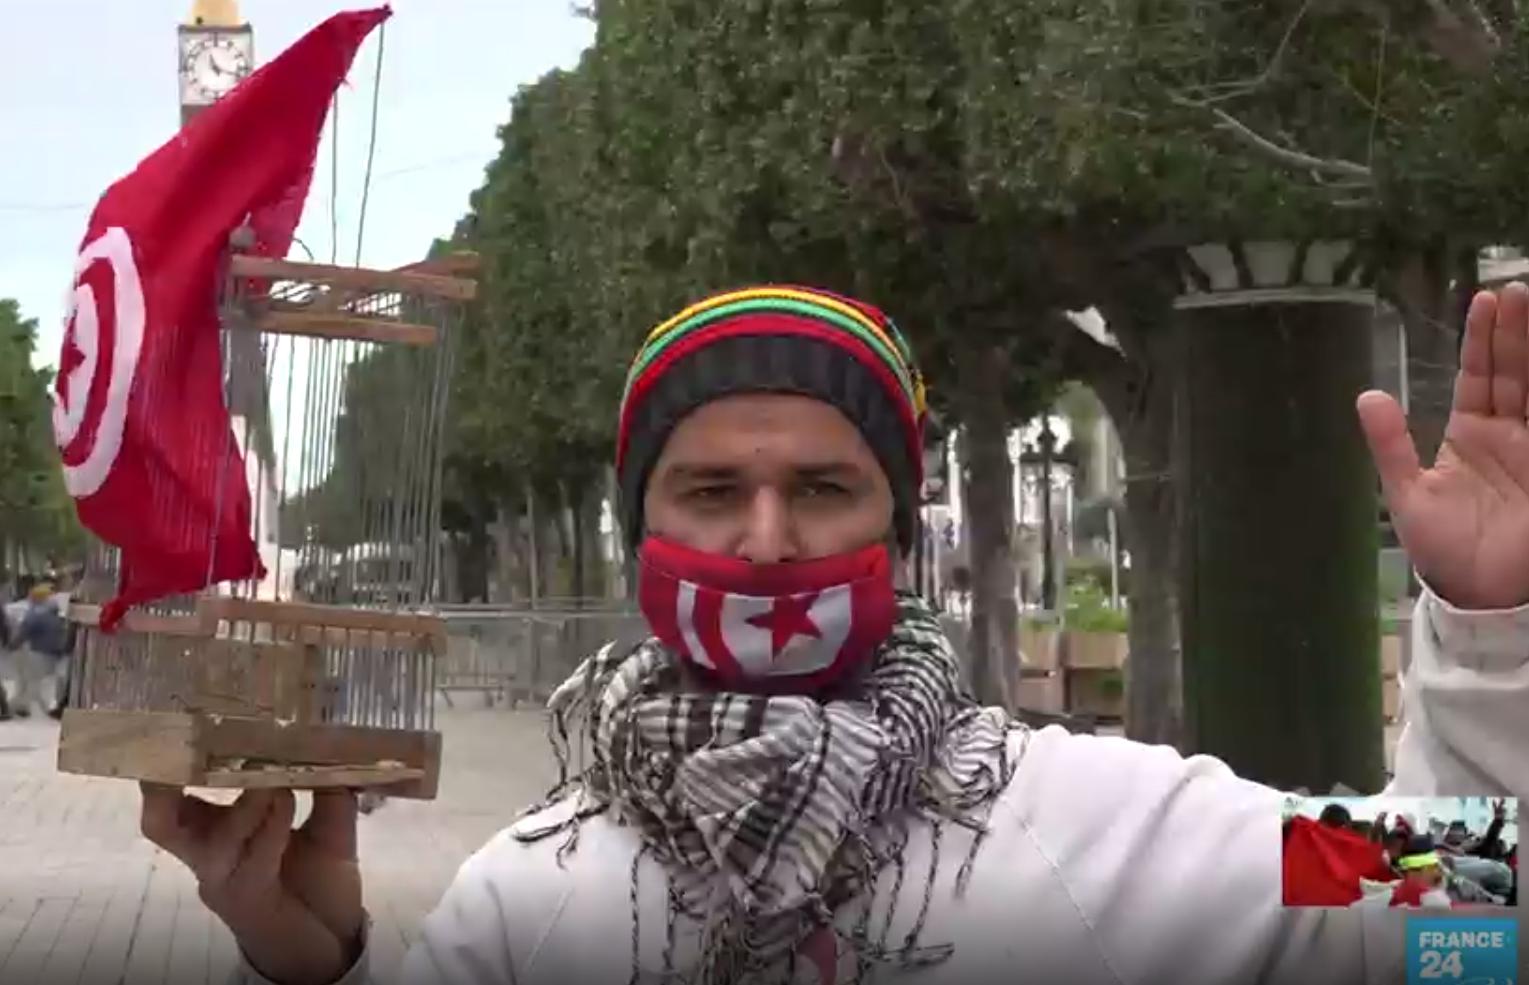 """Wadii Jelassi formó una imagen perdurable del levantamiento de Túnez cuando, como un desempleado de 21 años que protestaba contra el régimen de Ben Ali, fue fotografiado sosteniendo en alto una pequeña jaula. """"Diez años después de la revolución, no ha pasado nada"""", dijo."""